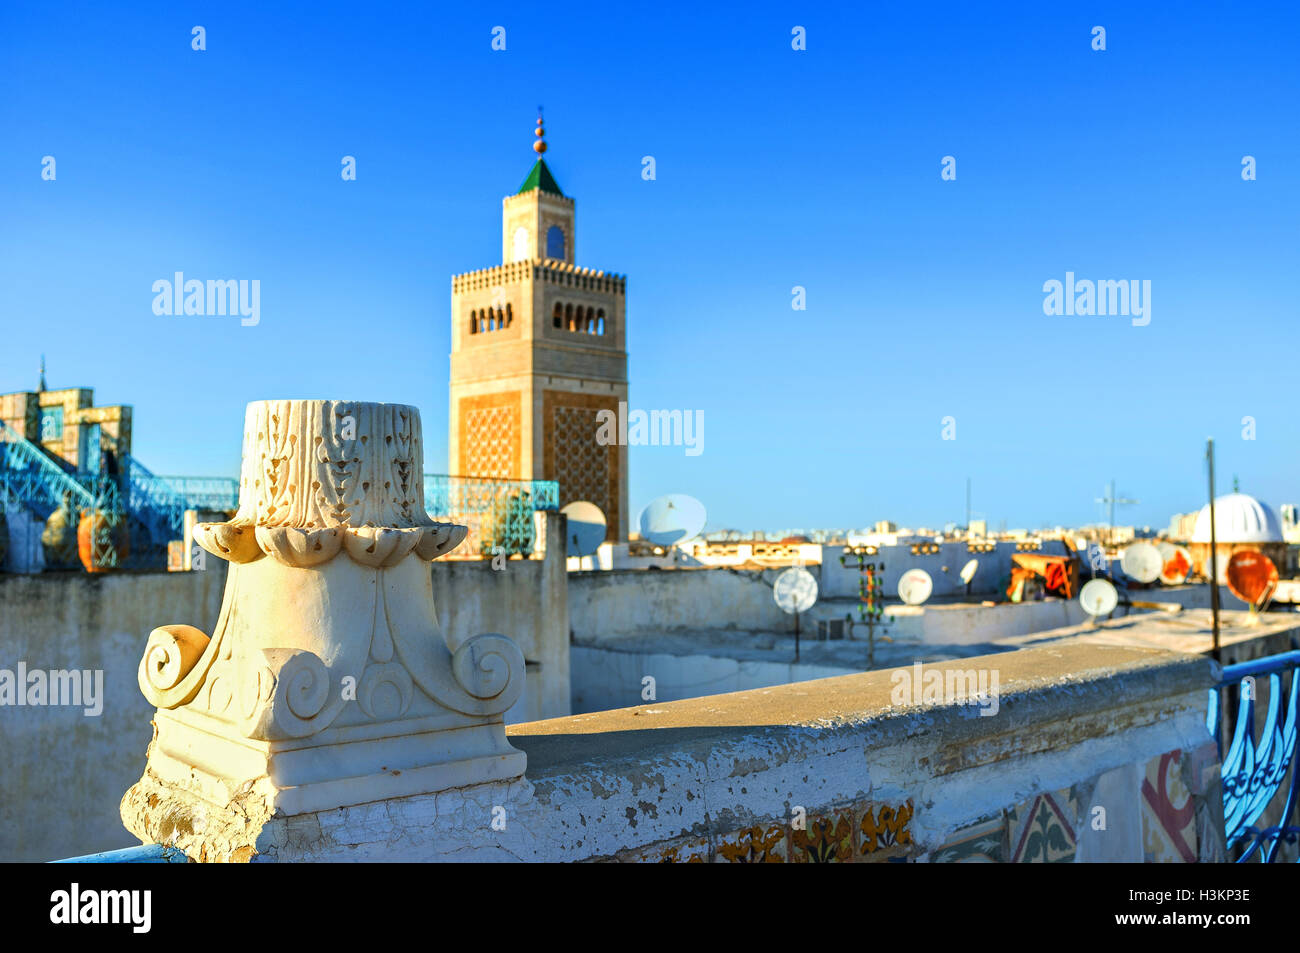 L'ancienne colonne en ruine sur le toit de la vieille maison de Medina, Tunis, Tunisie. Photo Stock